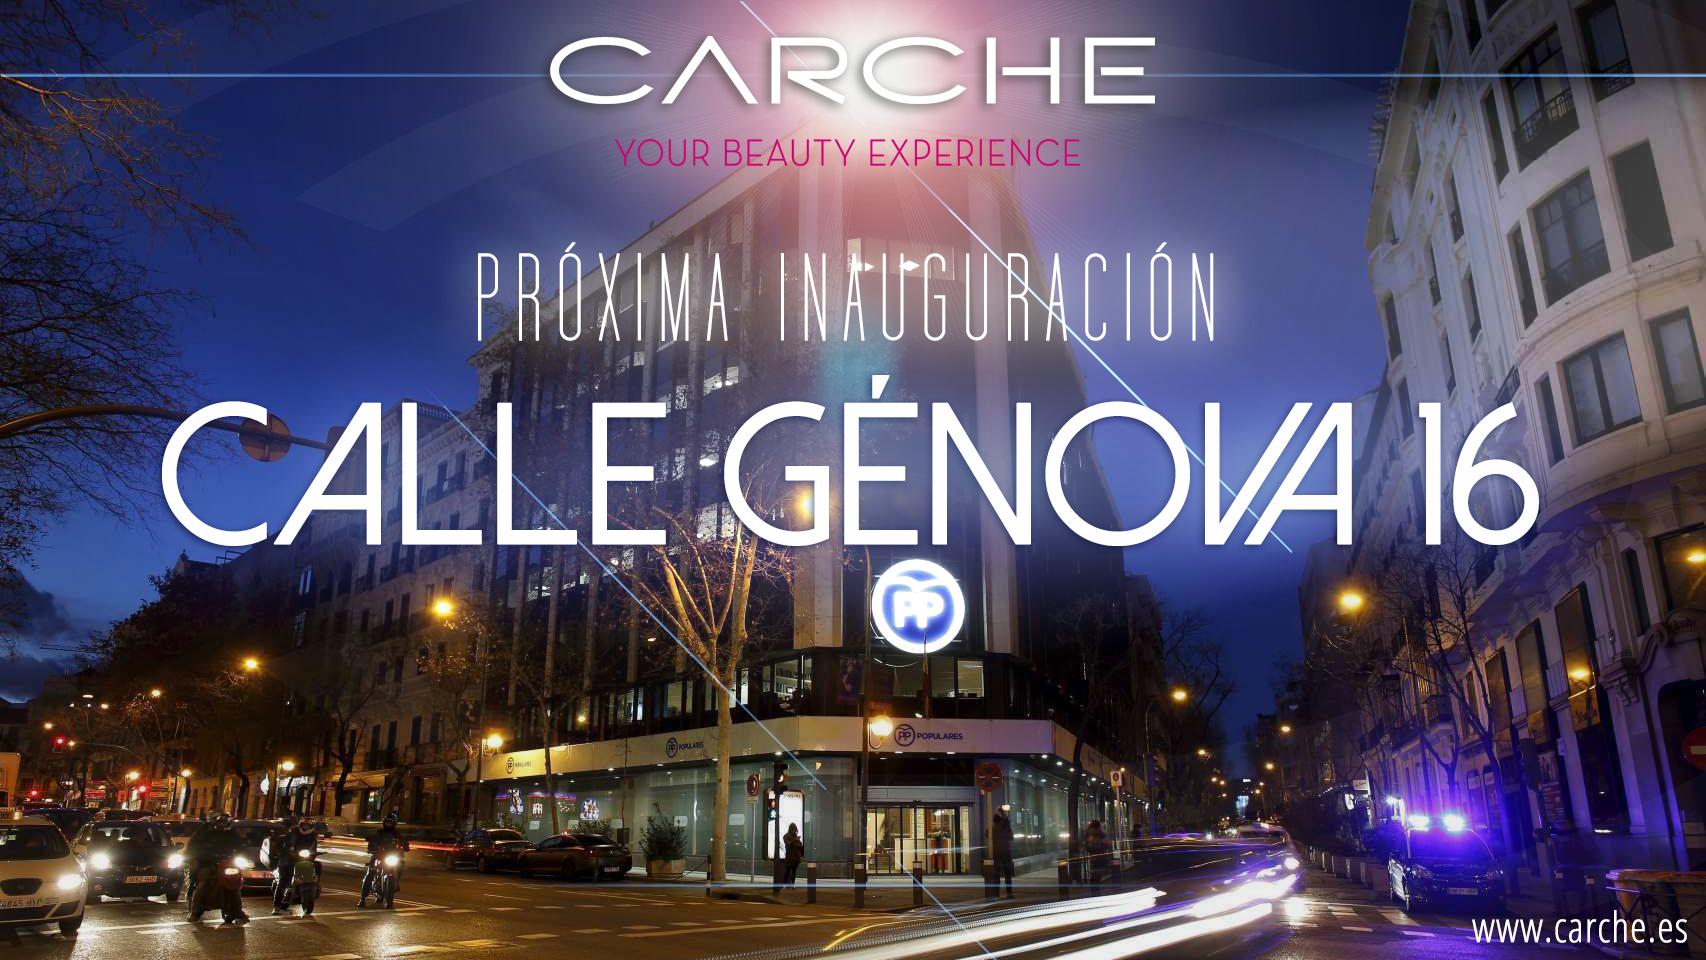 salon-peluqueria-carche12